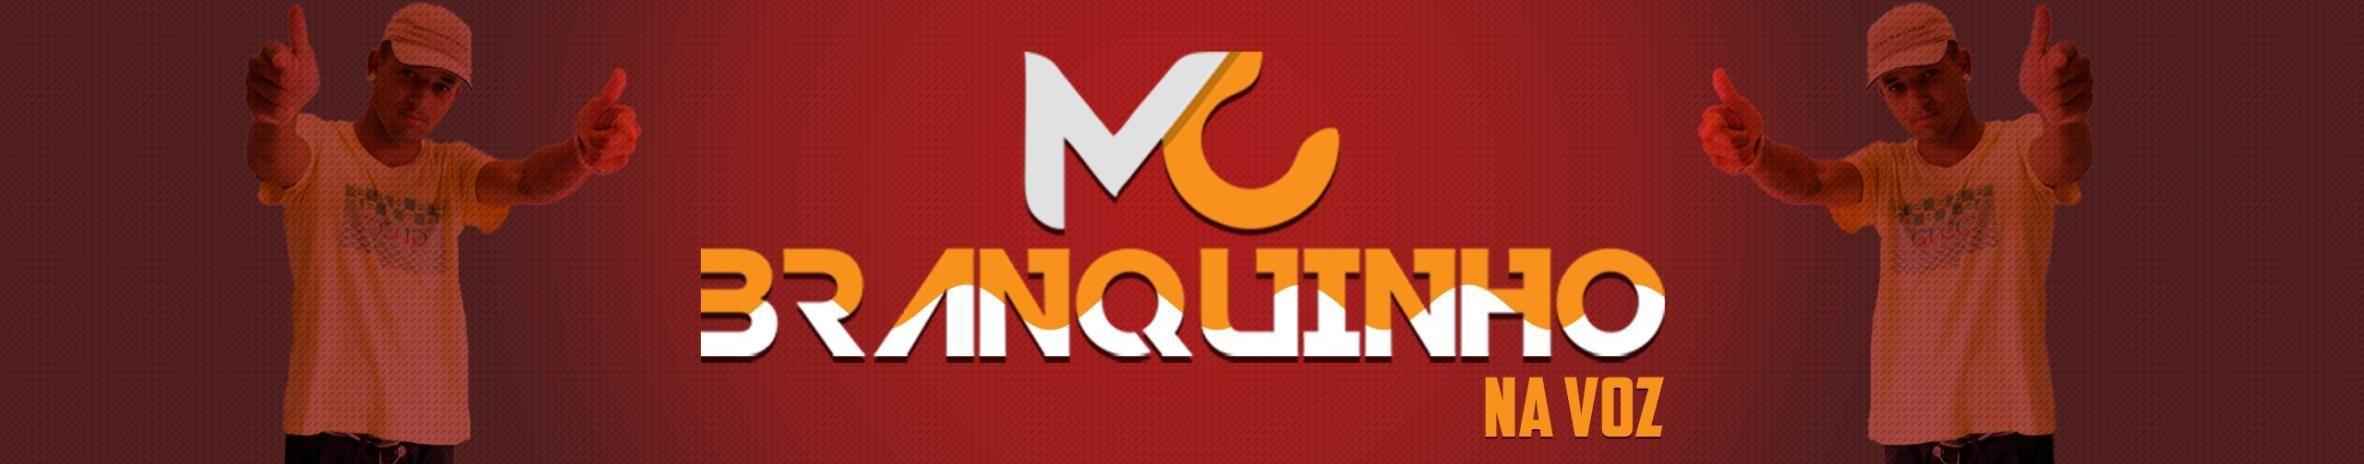 Imagem de capa de MC Branquinho na Voz